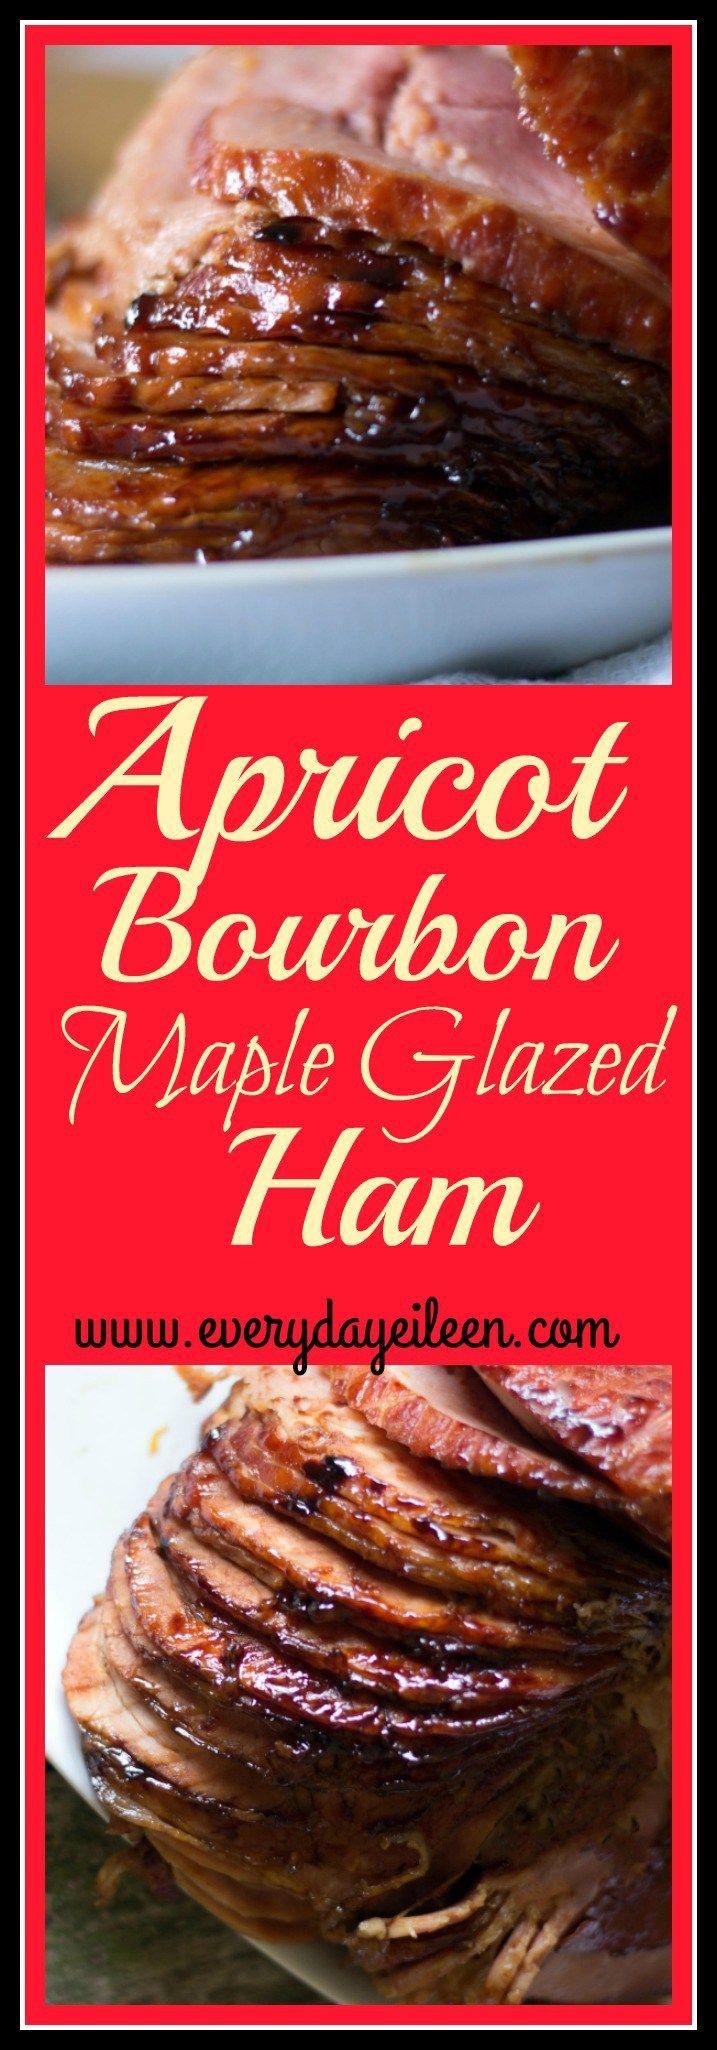 apricot bourbon maple glazed ham Perfect for any family Holiday celebration! #easter #ham #Christmas #Holidayeating #everydayeileen #recipe #glazedham